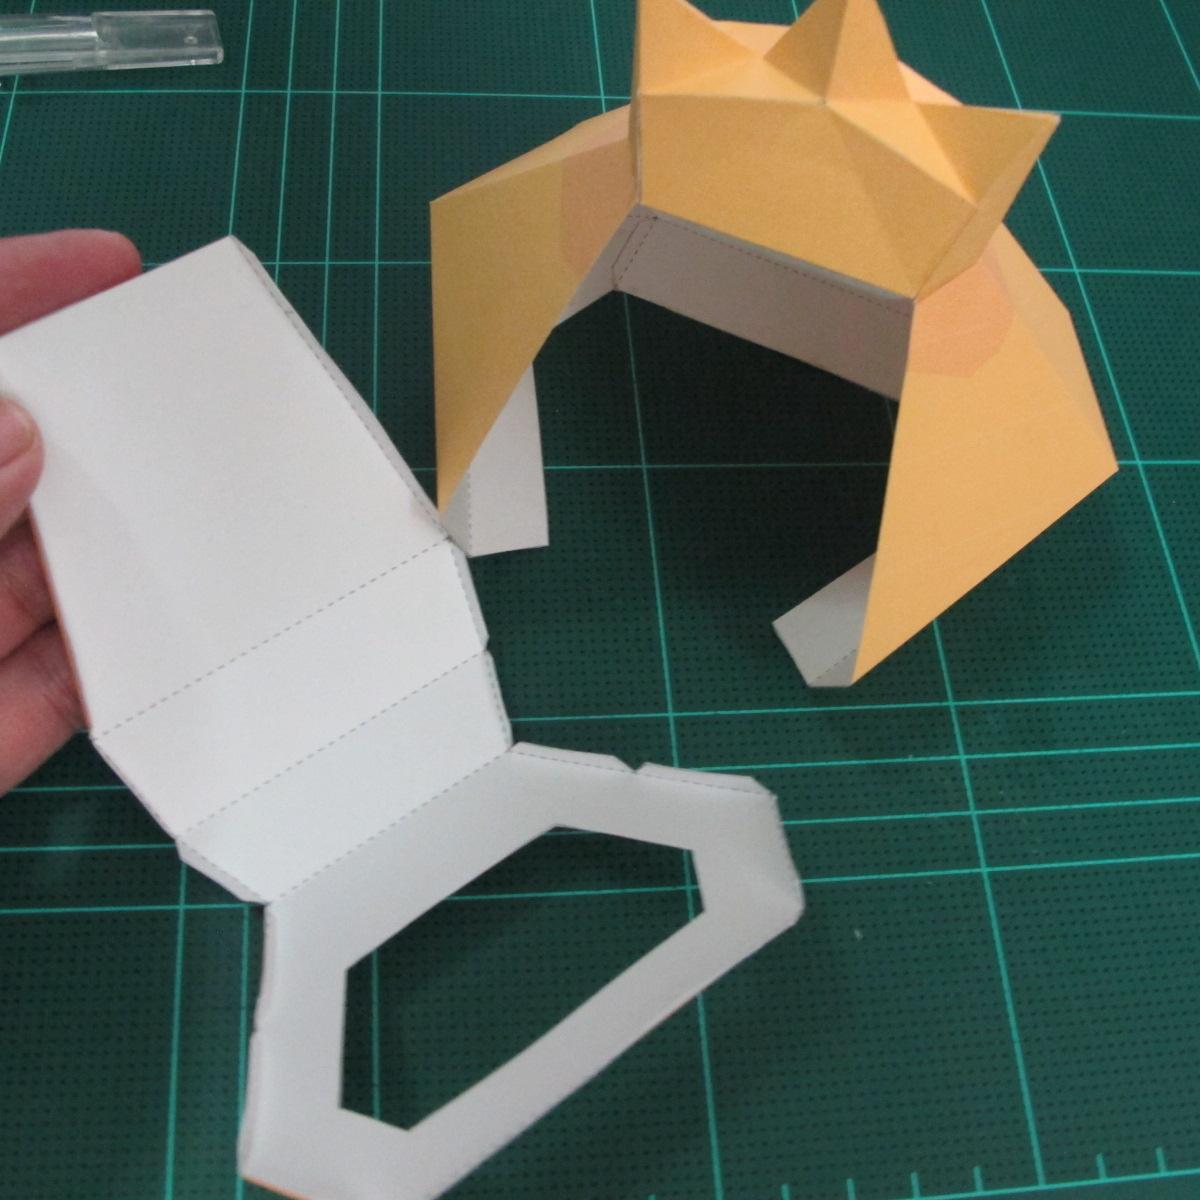 วิธีทำโมเดลกระดาษตุ้กตาสัตว์เลี้ยง หยดทองจากเกมส์ คุกกี้รัน (LINE Cookie Run Gold Drop Papercraft Model - クッキーラン  「黄金ドロップ」 ペーパークラフト) 016